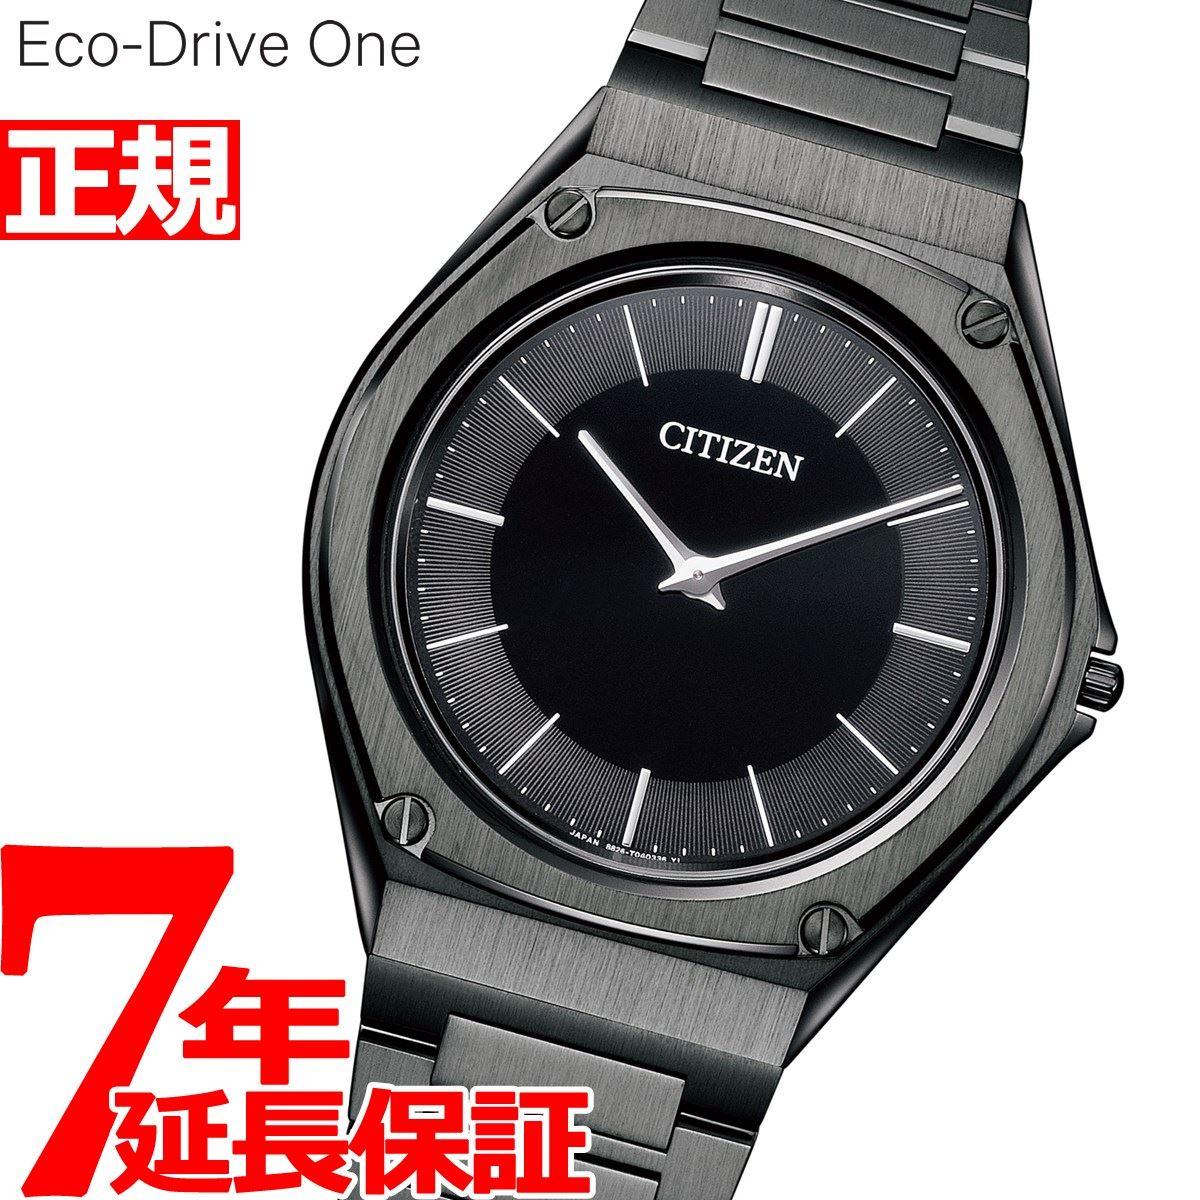 シチズン エコドライブ ワン CITIZEN Eco-Drive One ソーラー 腕時計 メンズ AR5064-57E